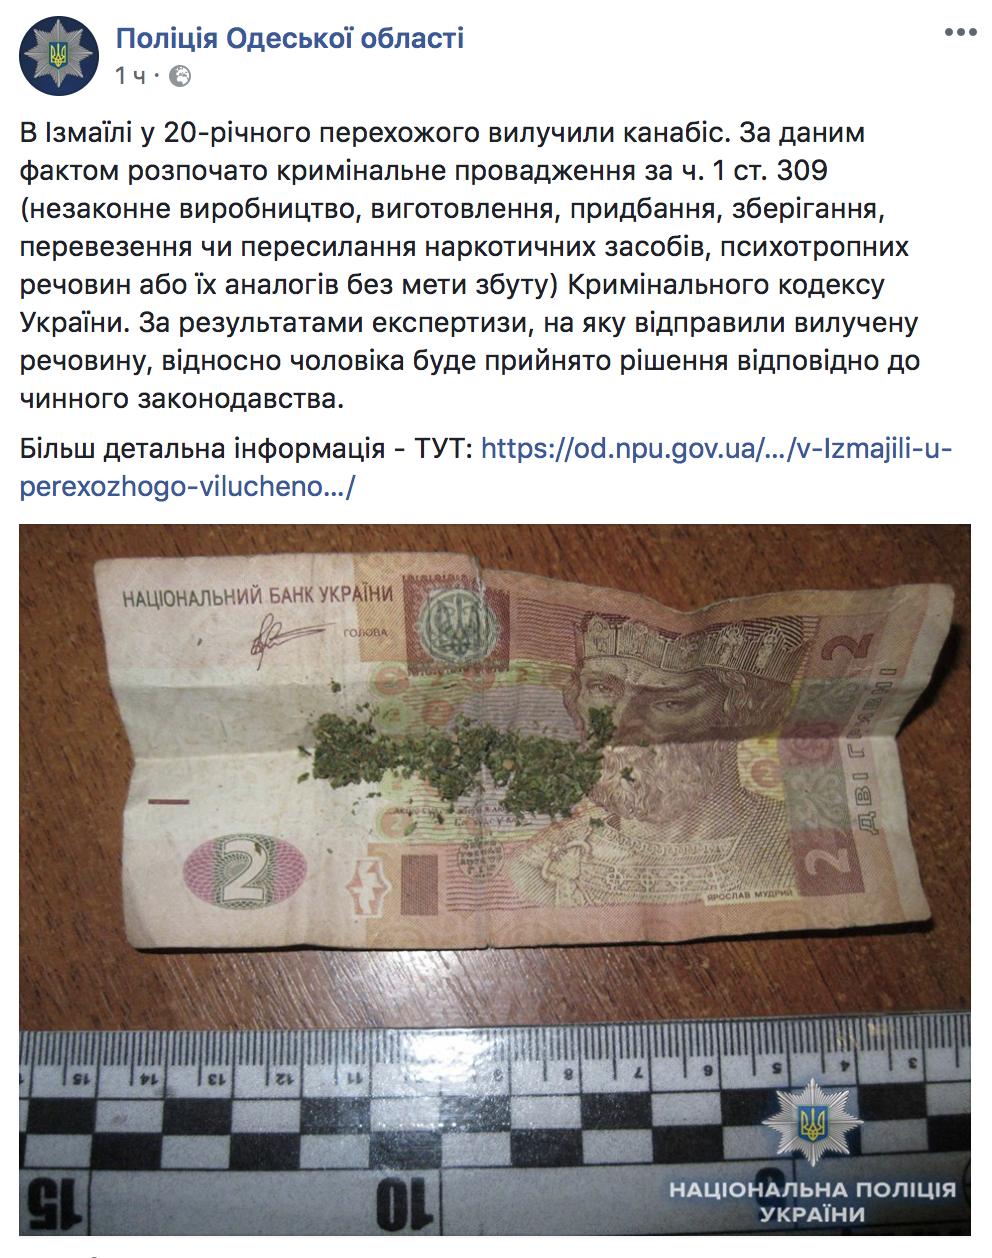 В полиции Одесской области сообщили об изъятии каннабиса в Измаиле — это вызвало иронию пользователей